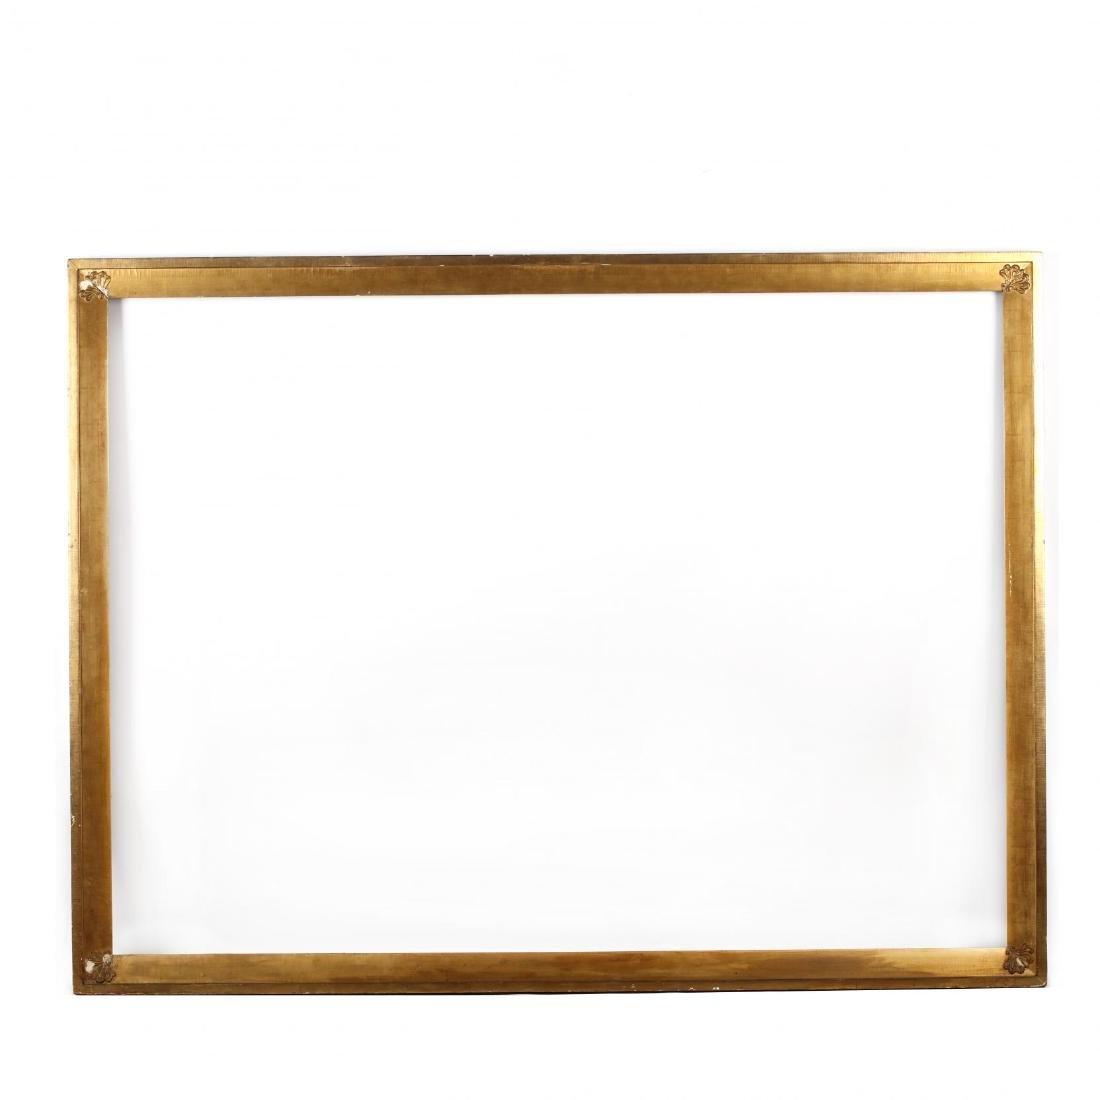 Large Antique Gilt Wood Frame